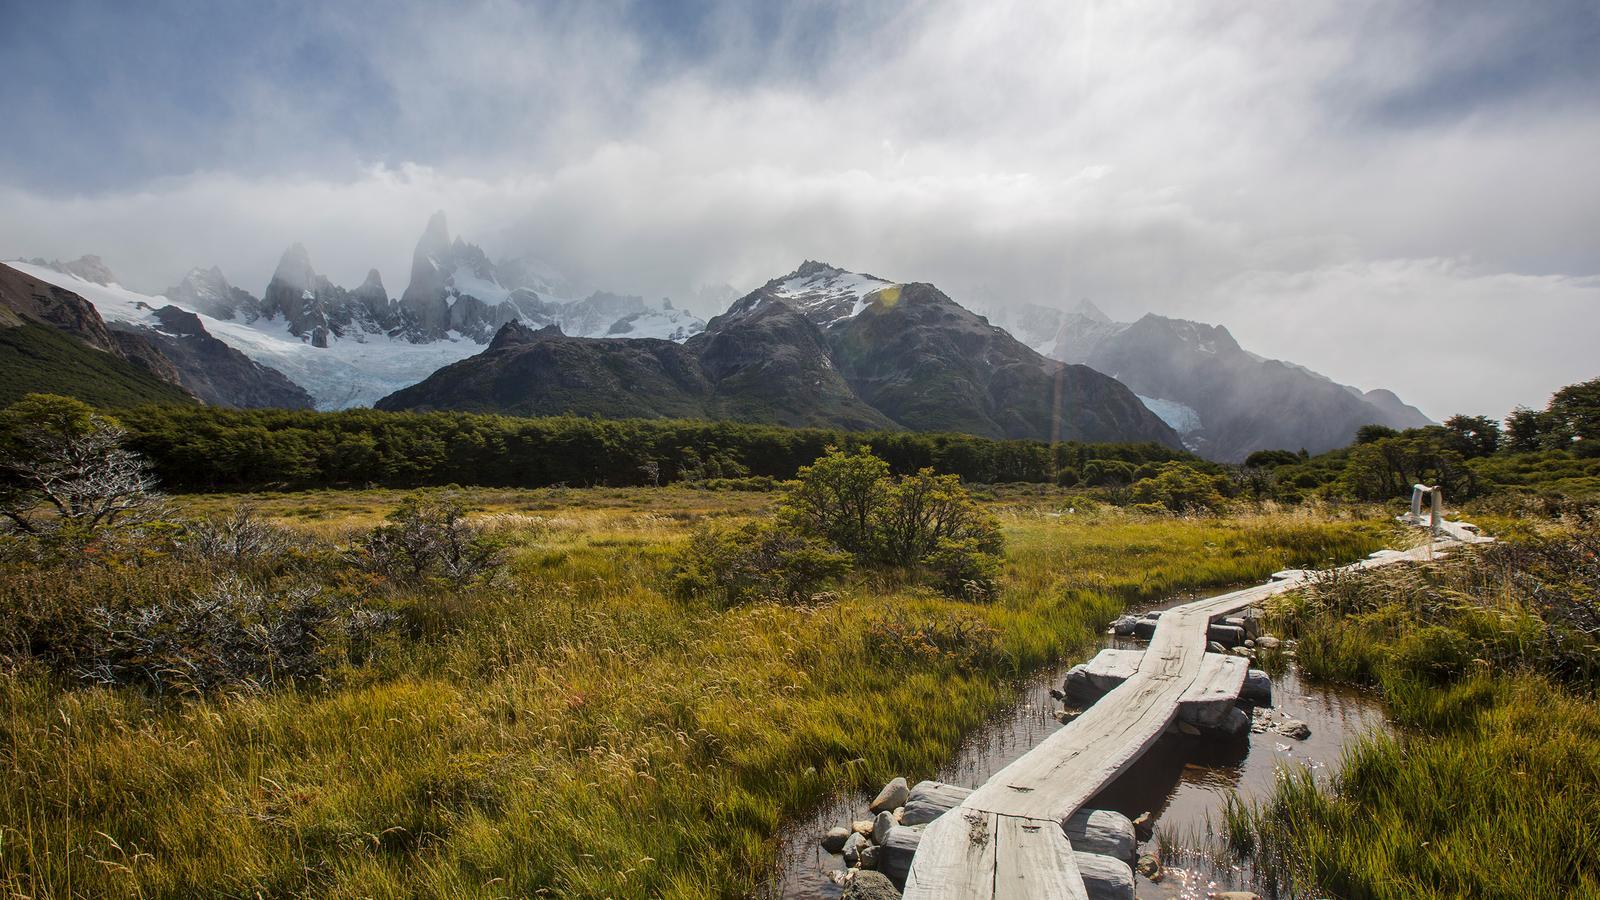 Aktivreise Argentinien & Chile in der Gruppe durch Patagonien traveljunkies